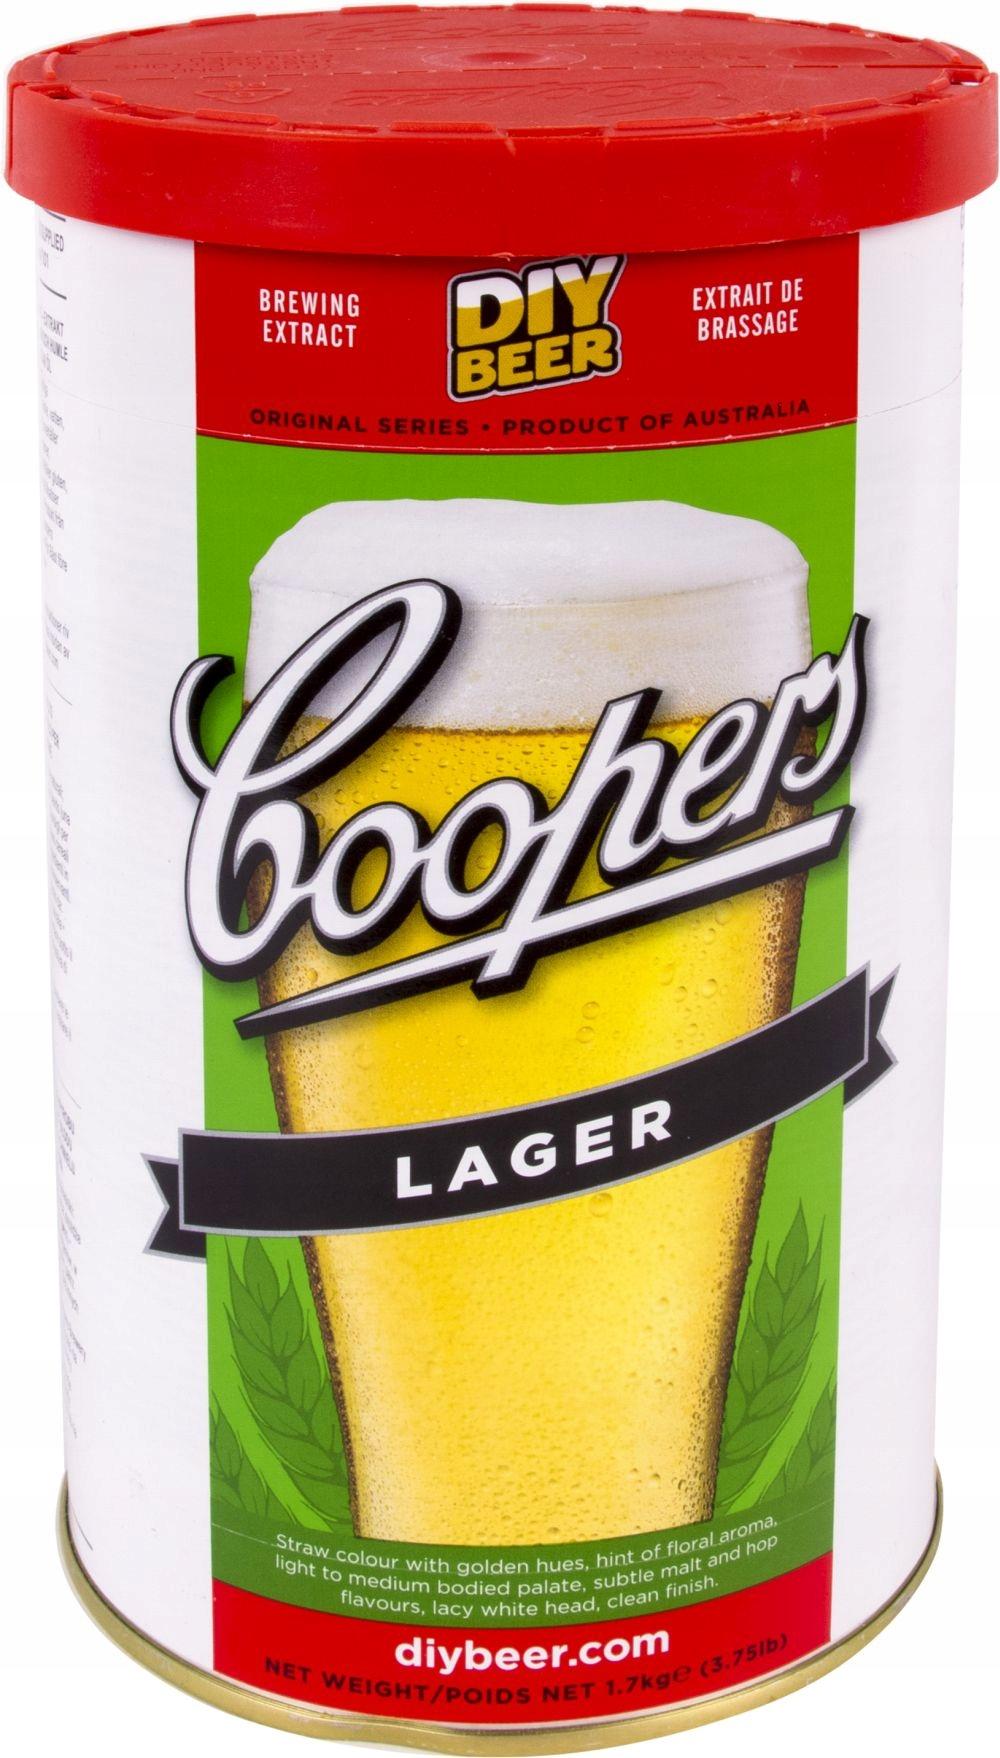 ПИВО ДОМАШНЕЕ Coopers LAGER 23L пивоваренный набор + дрожжи